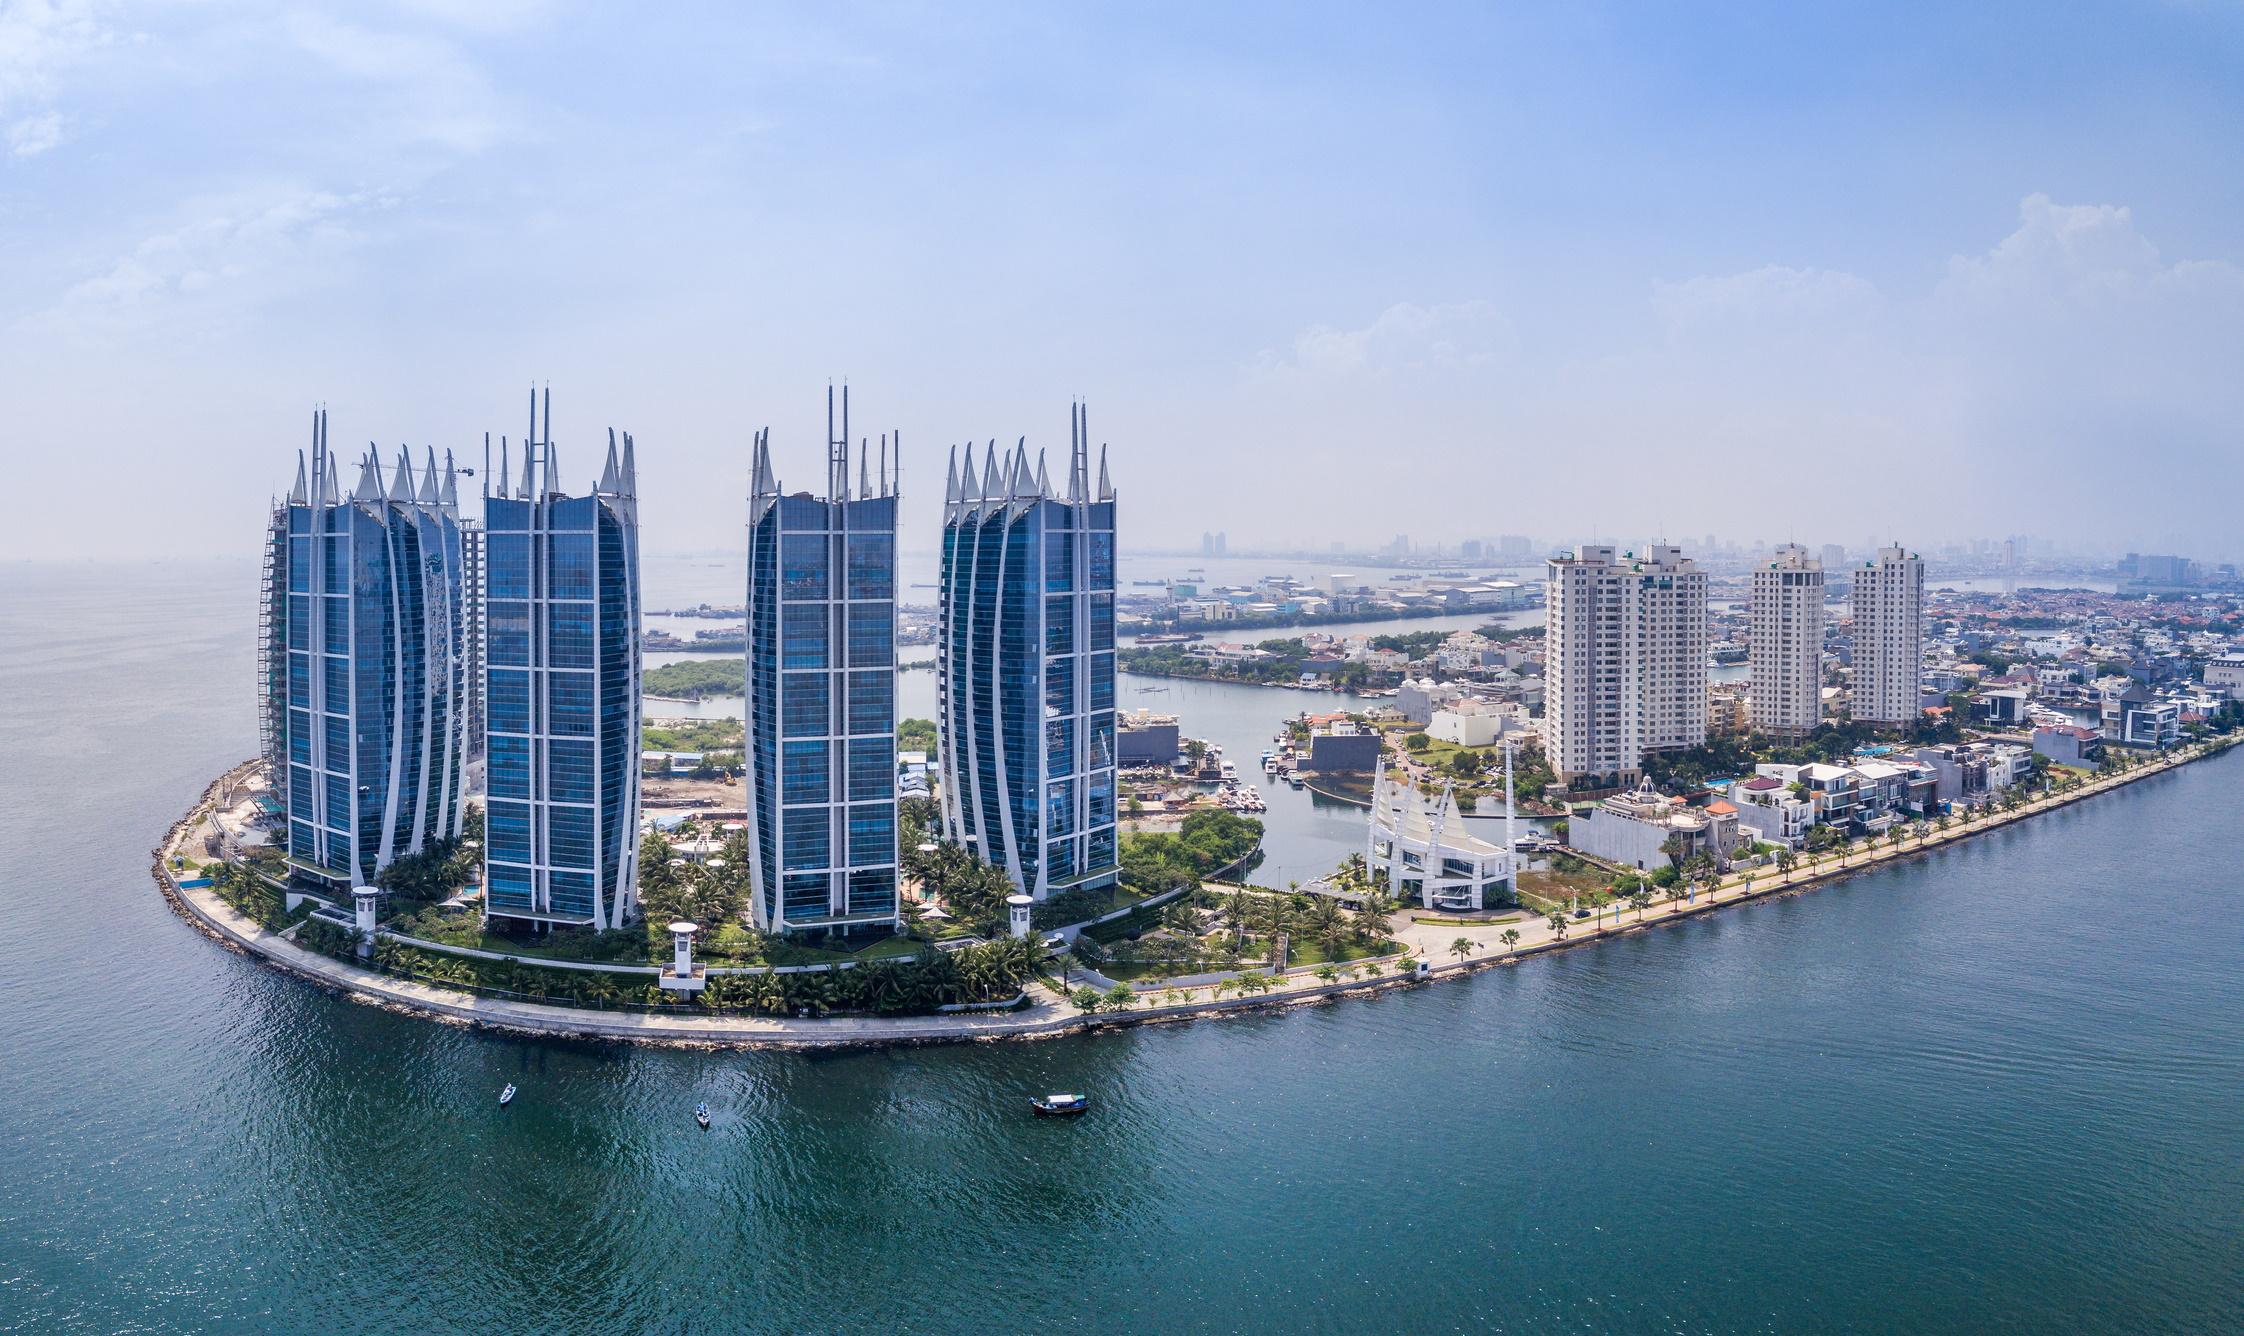 <p><strong>Джакарта, Индонезия</strong></p>  <p>Столицата на Индонезия &ndash; културен, икономически и политически център &ndash; дом на над 10 млн. души, потъва с един от най-бързите темпове в света. Големи част и от града може да изчезнат до 2050 г.</p>